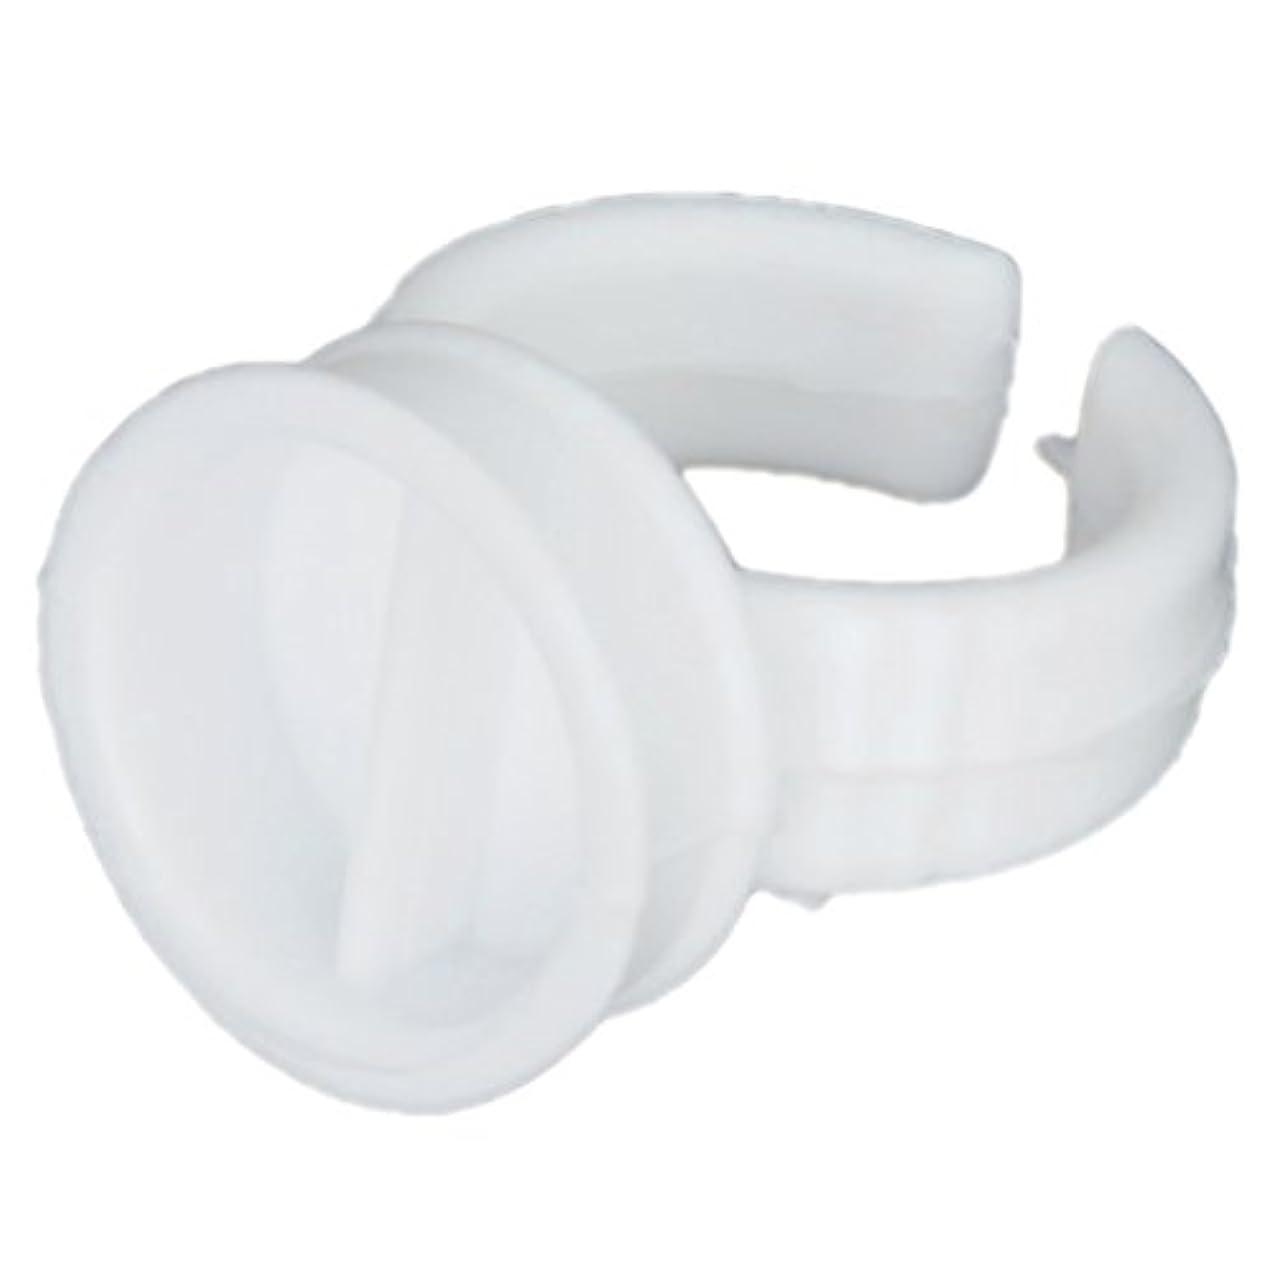 不安定なカブ本部SODIAL(R) 1バッグ 約100個 使い捨てグルーホルダーリング まつげエクステンション用 2スロット---ホワイト